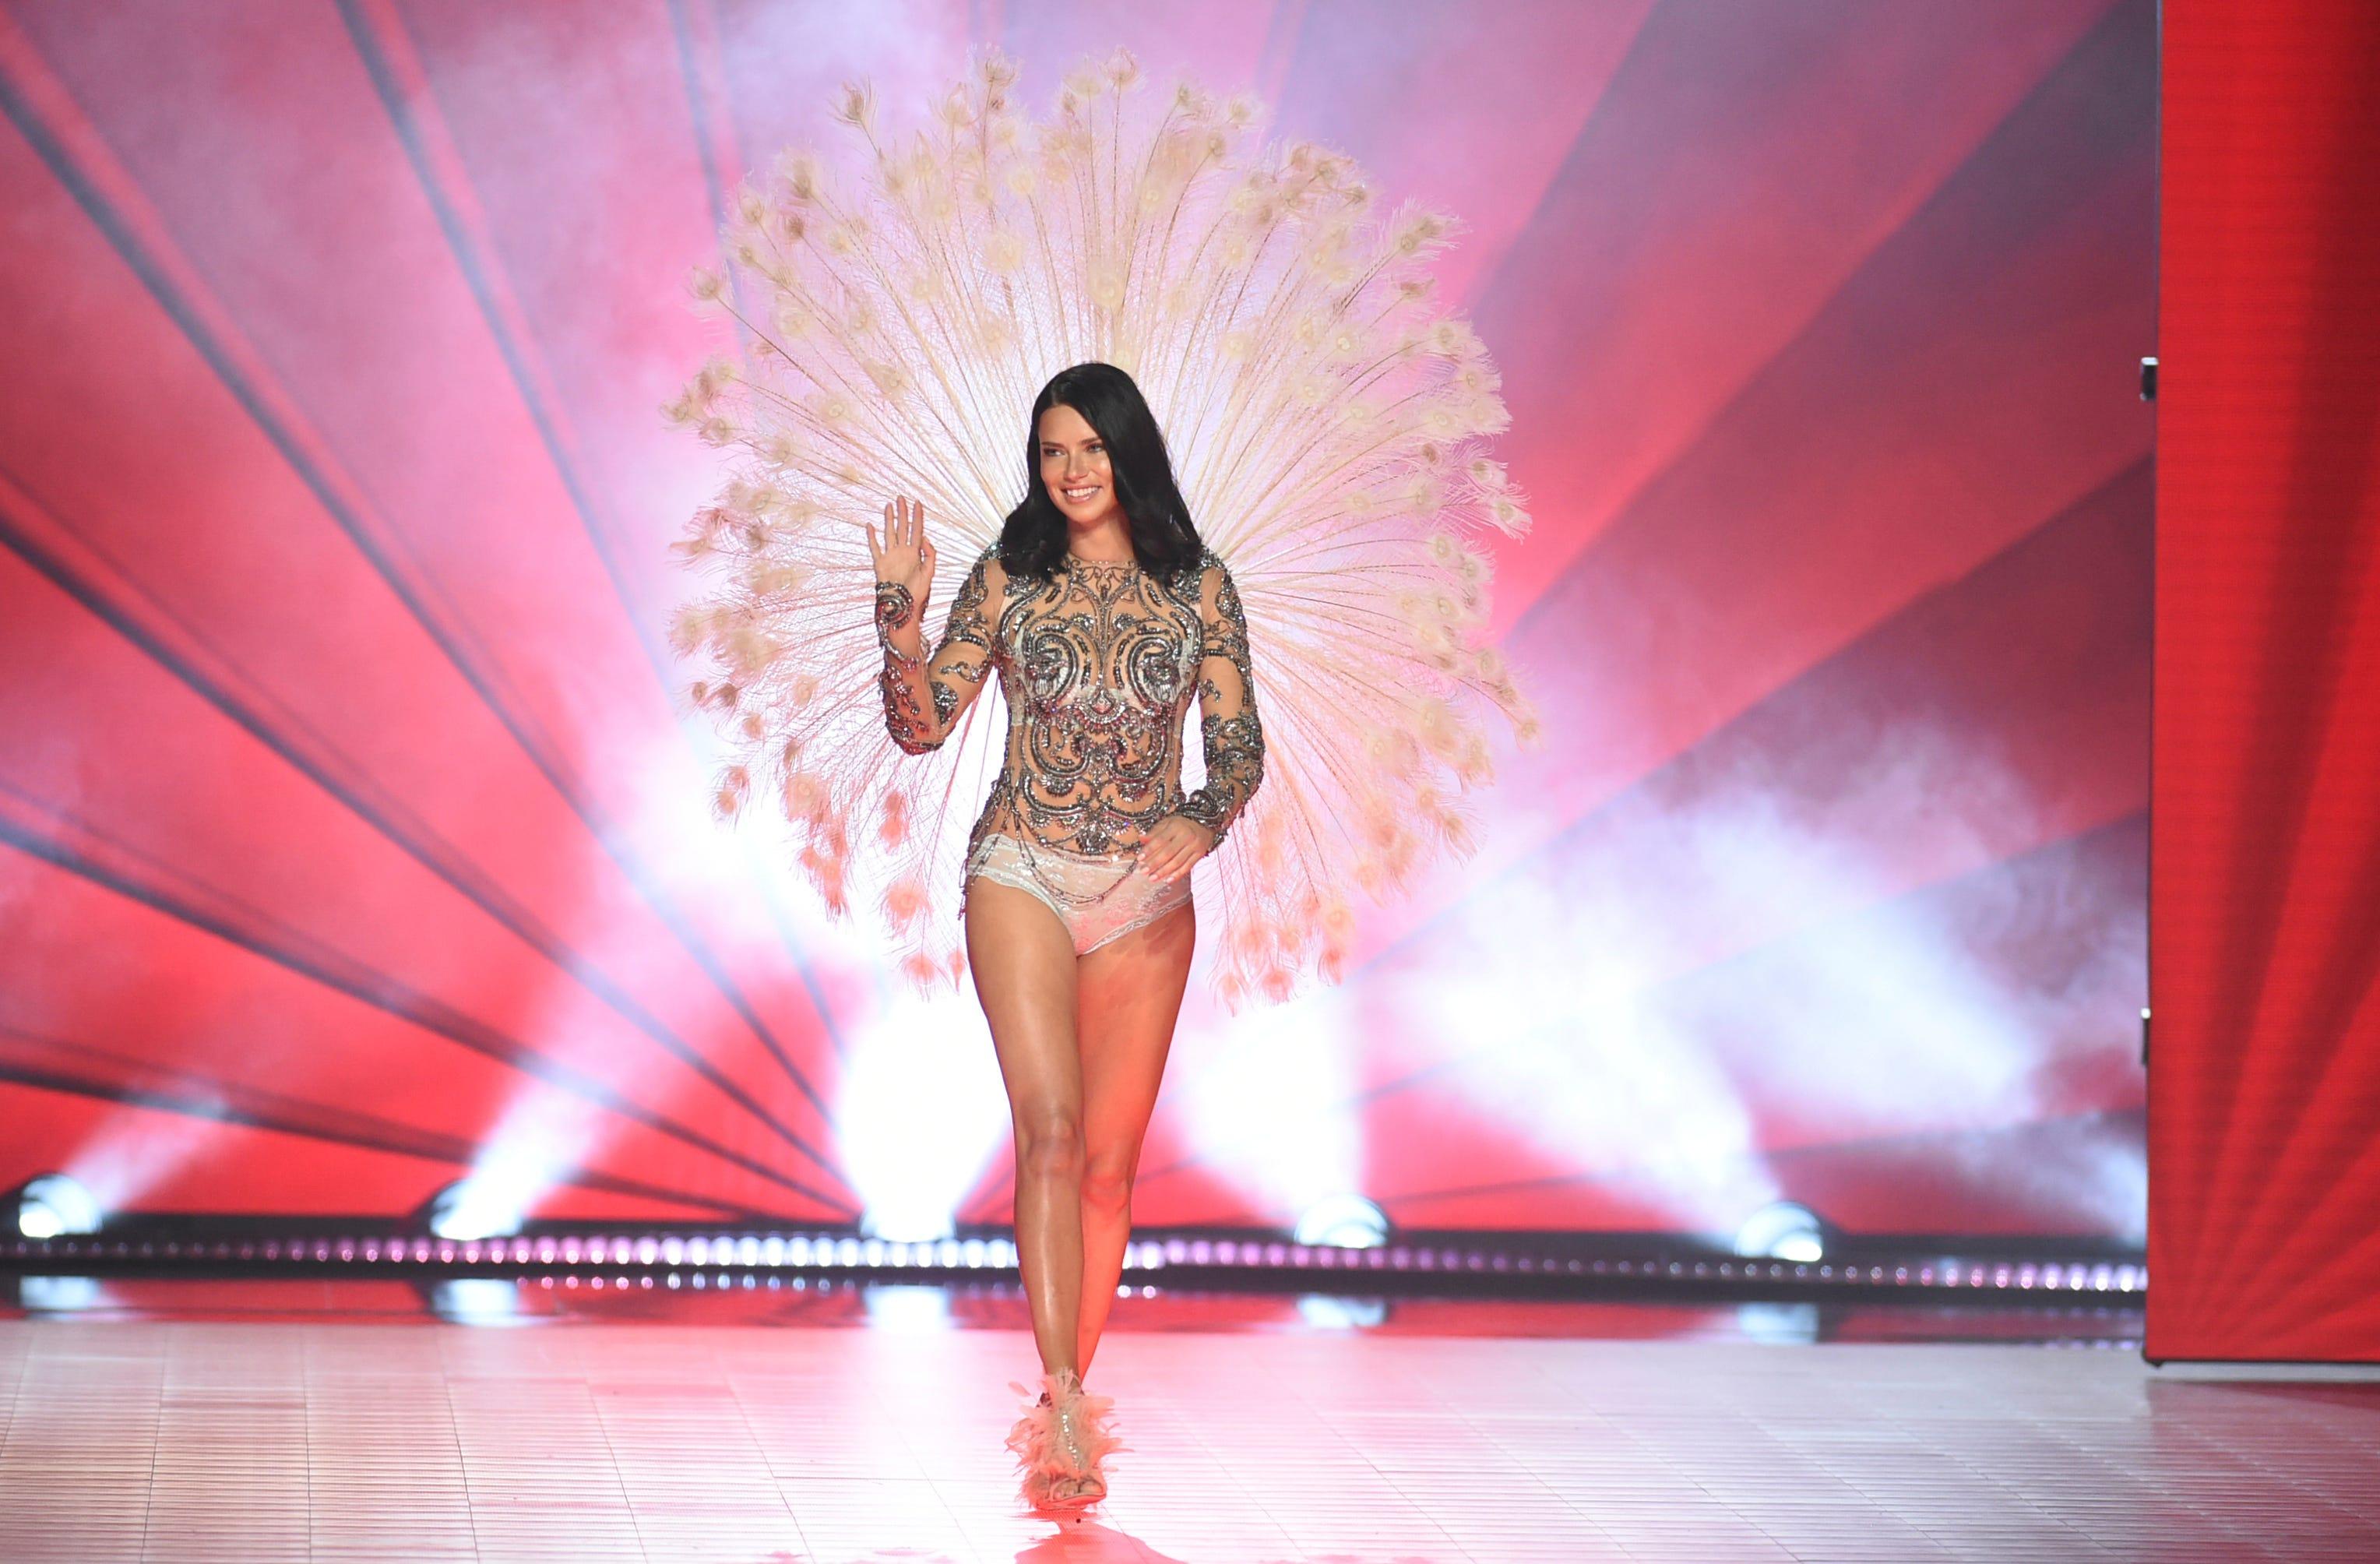 victorias secret fashion show adriana lima tears up - HD2987×1680